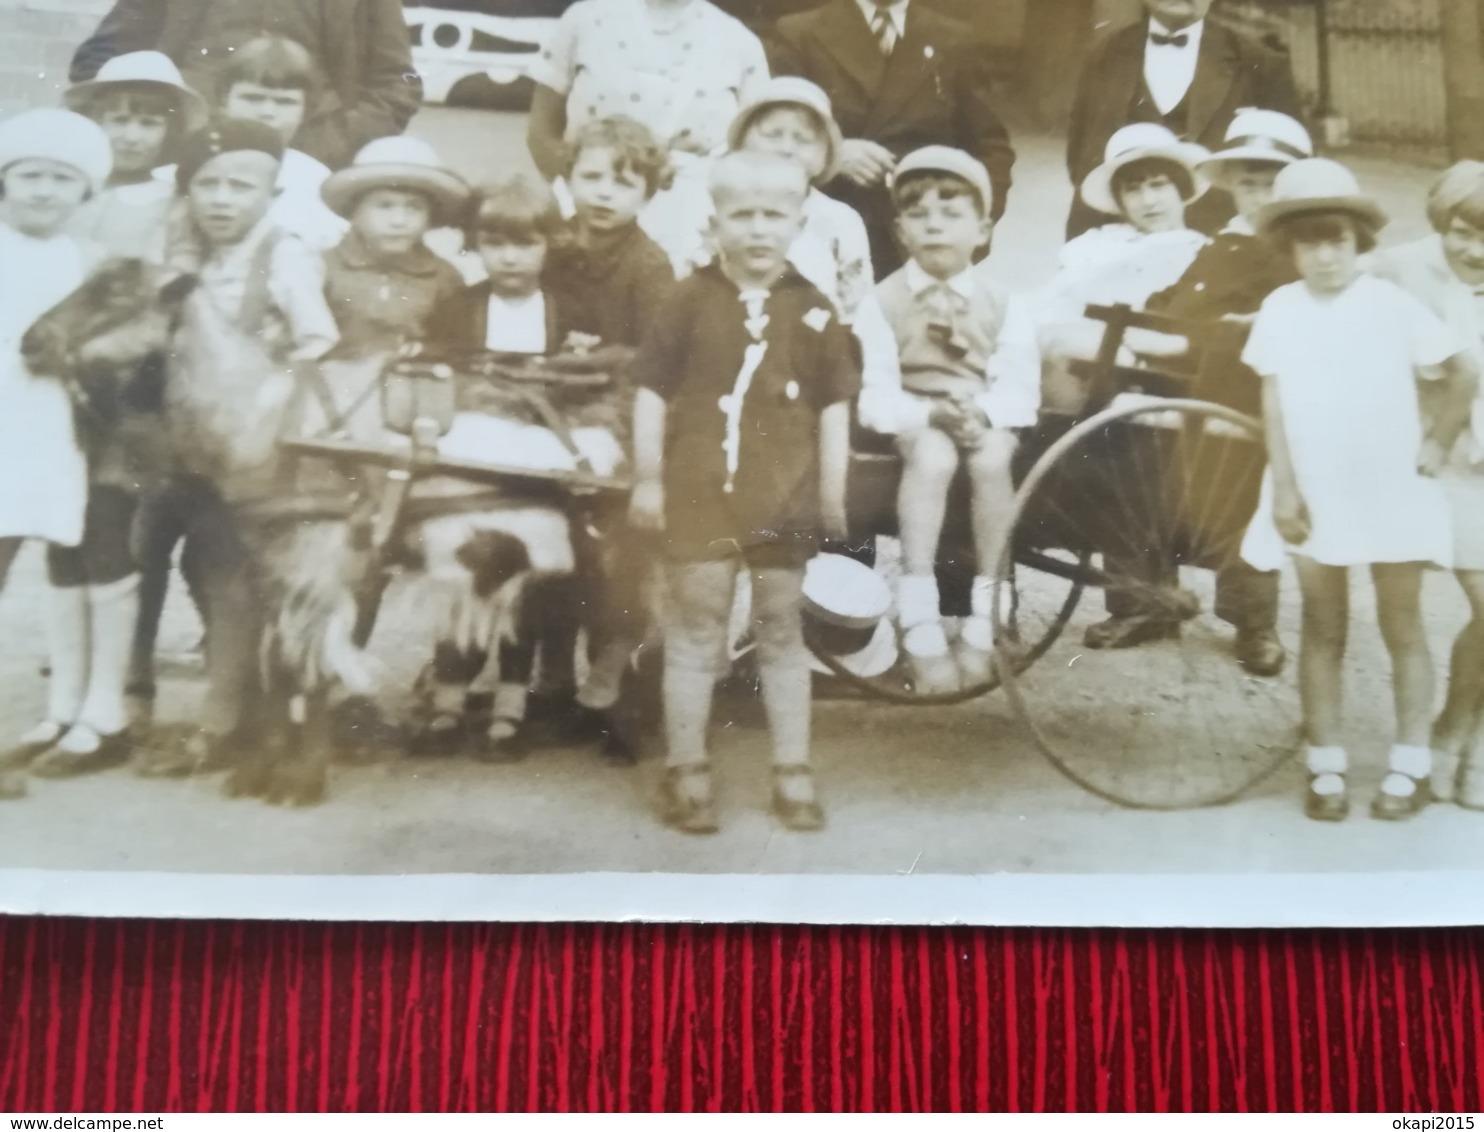 ATTELAGE  CHÈVRE ENFANTS AU PARC DE SPA UNE PHOTO ORIGINALE DE 1935 + UNE CARTE POSTALE PARC + 4 PHOTOS  BELGIQUE LIÈGE - Spa